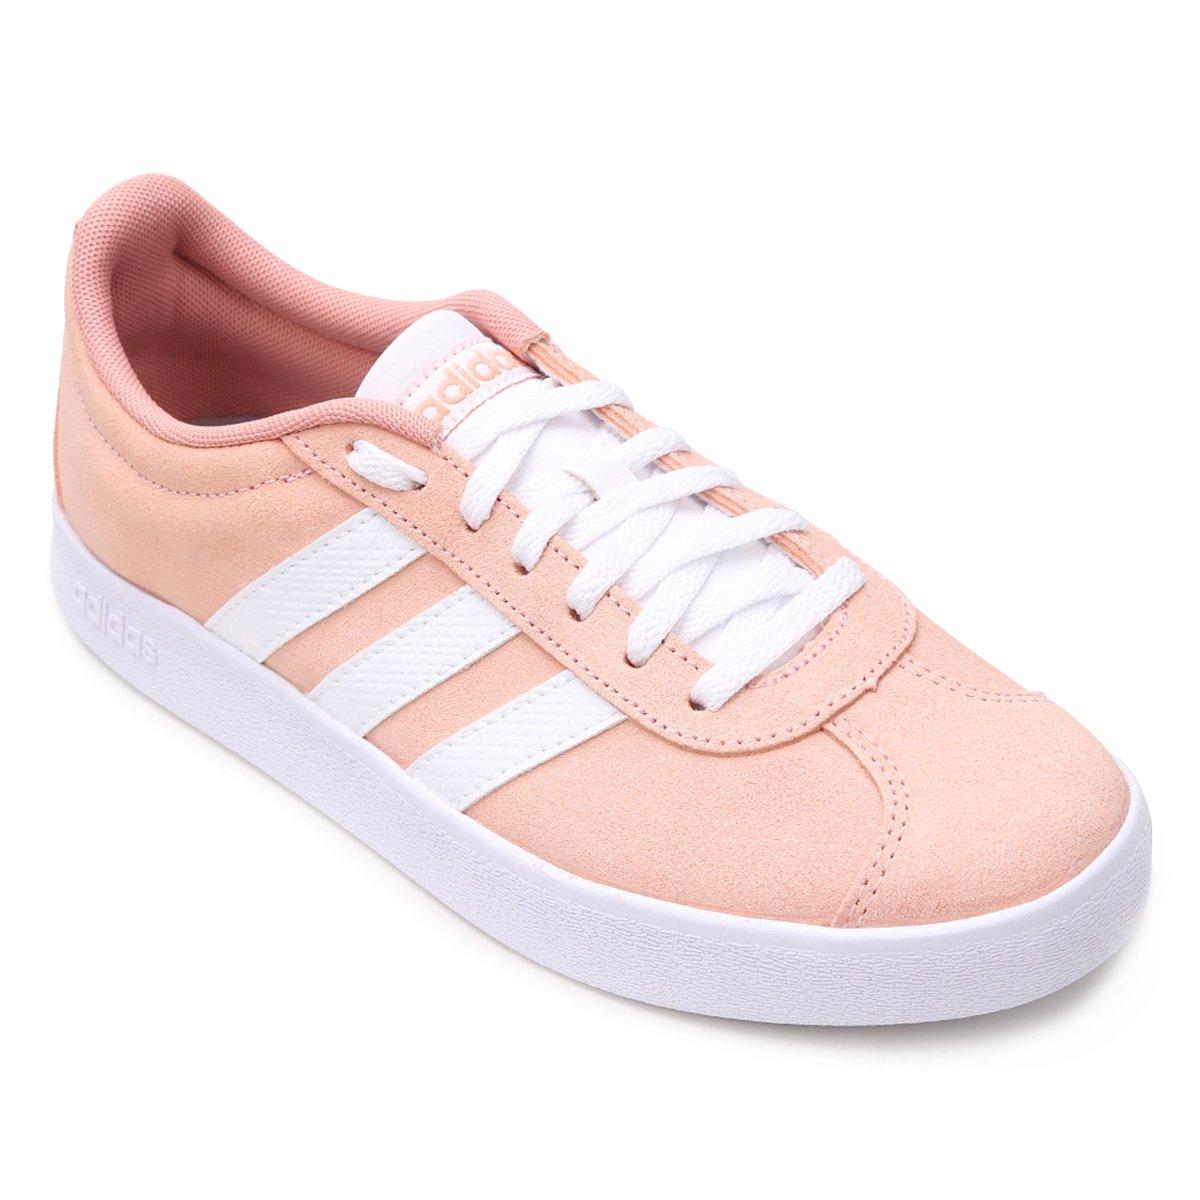 adidas grand court feminino rosa